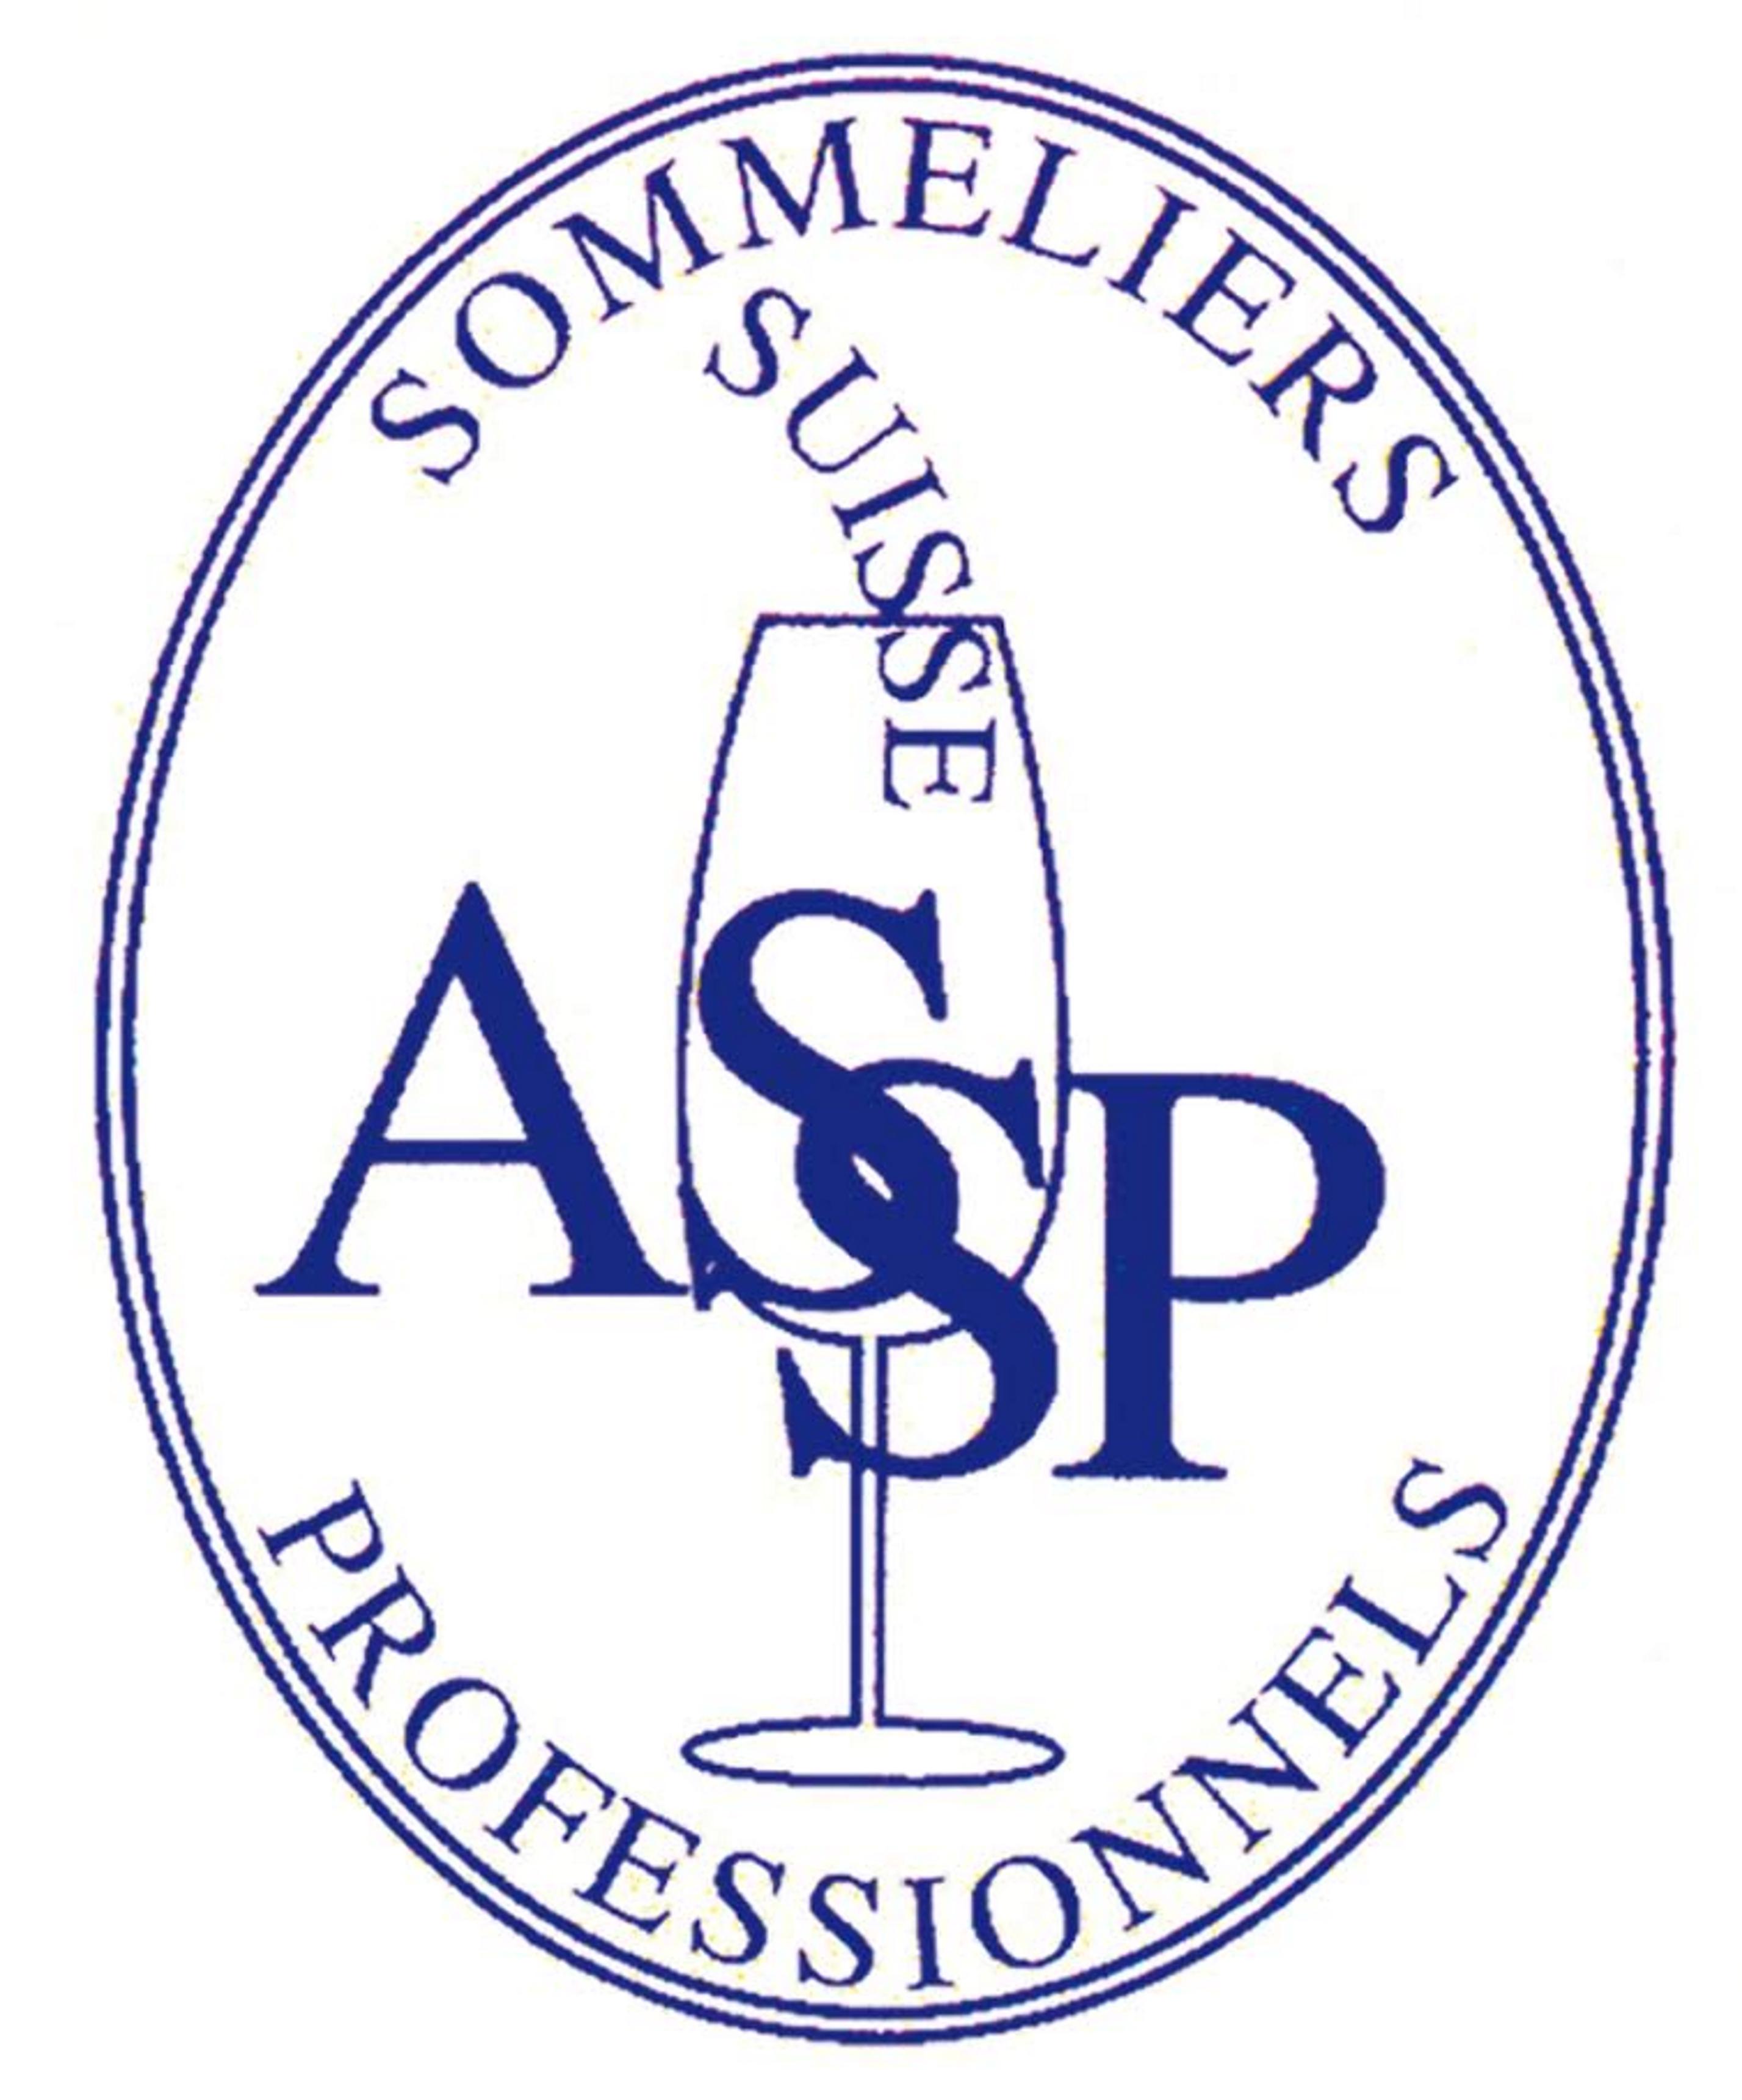 assp-sr.ch